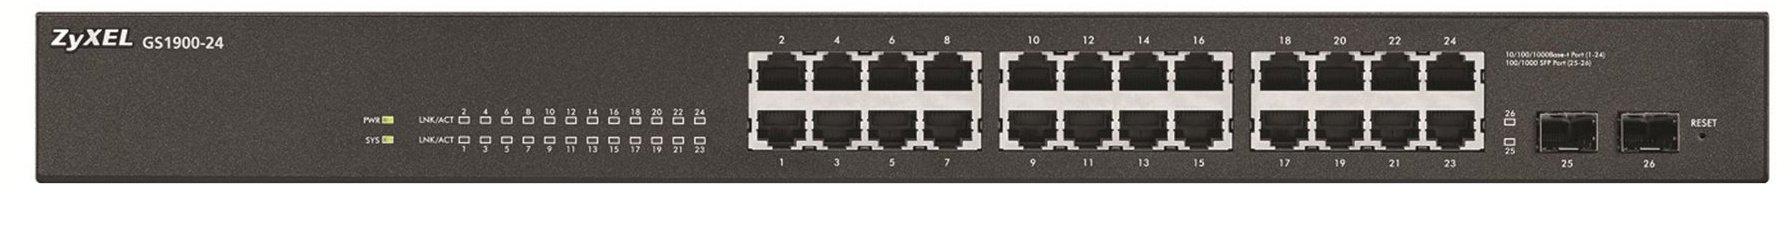 ZyXEL GS1900-24